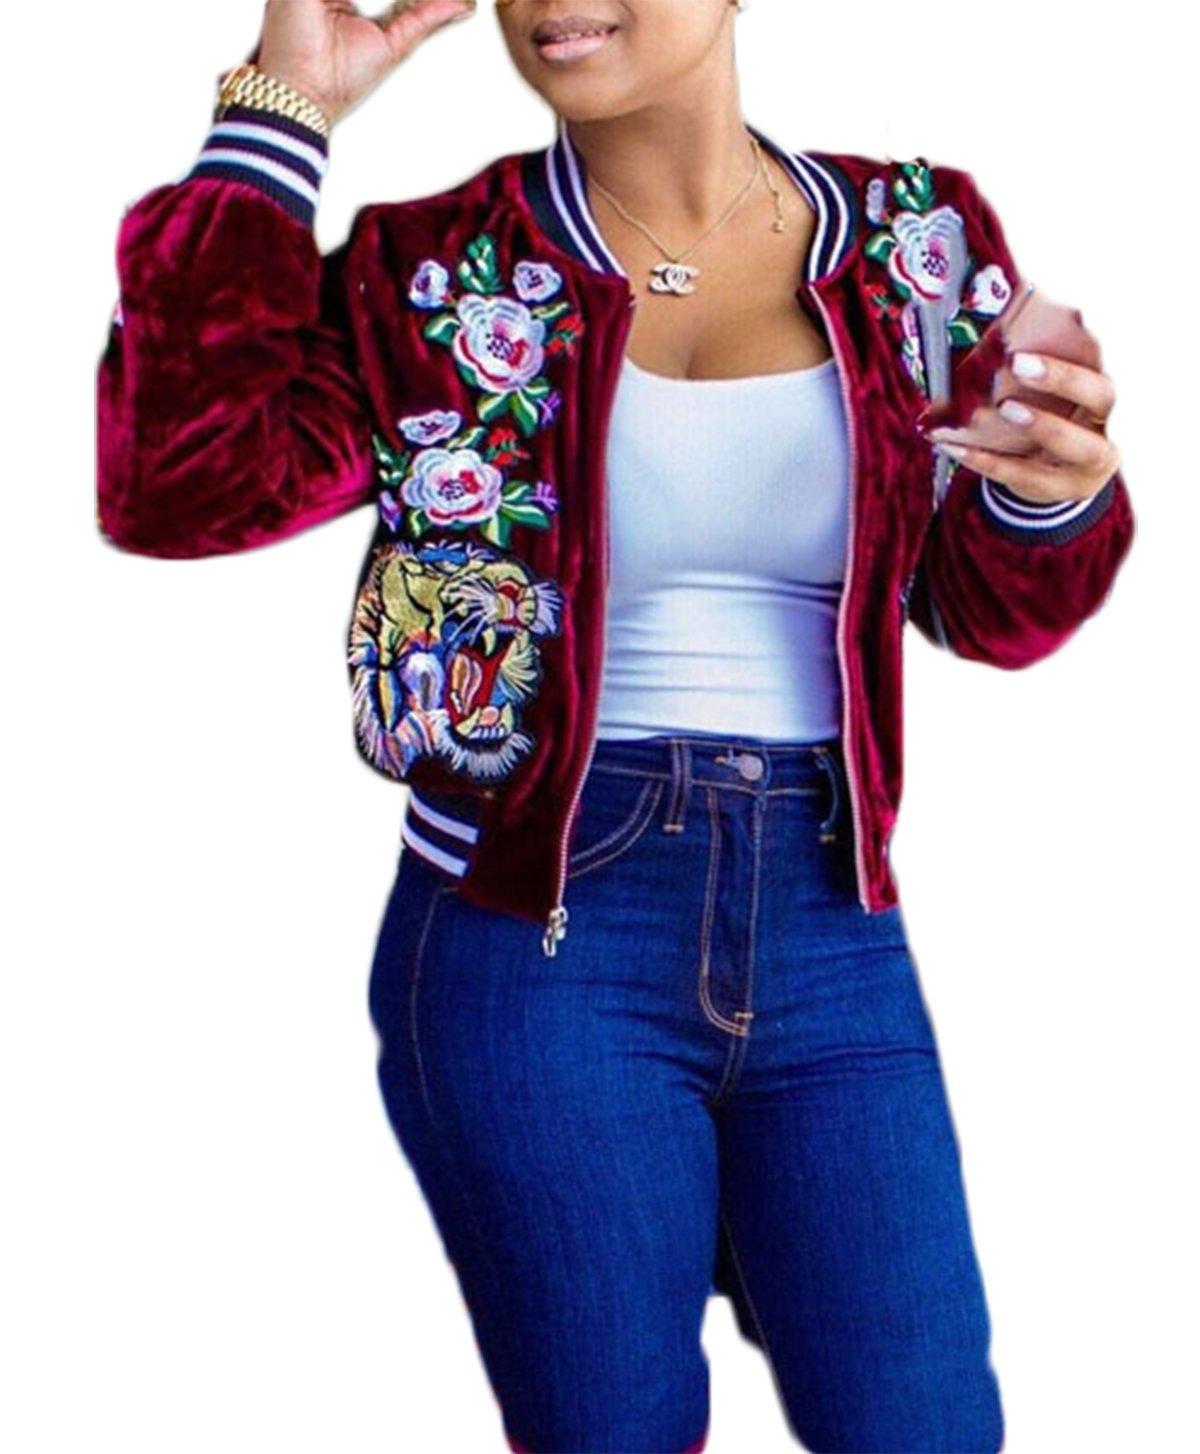 Lovaru Women's Fashion Velvet Rose Embroidery Biker Patchwork Baseball Bomber Jacket (XX-Large, Red)